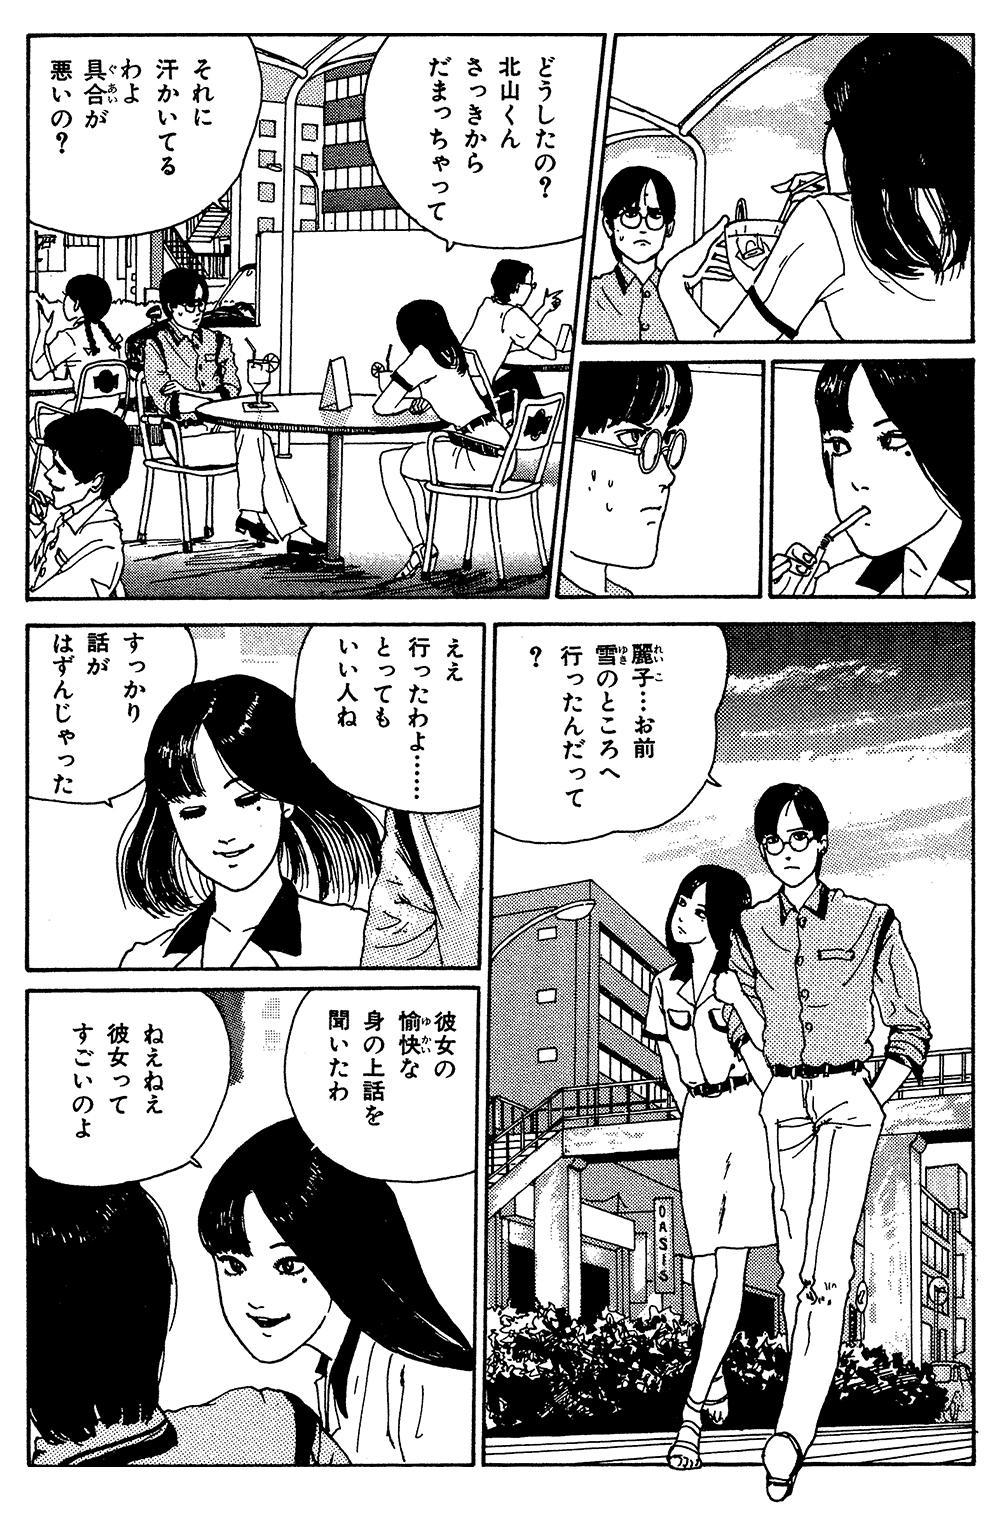 伊藤潤二傑作集 第2話「富江 森田病院編」②itojunji05-01.jpg